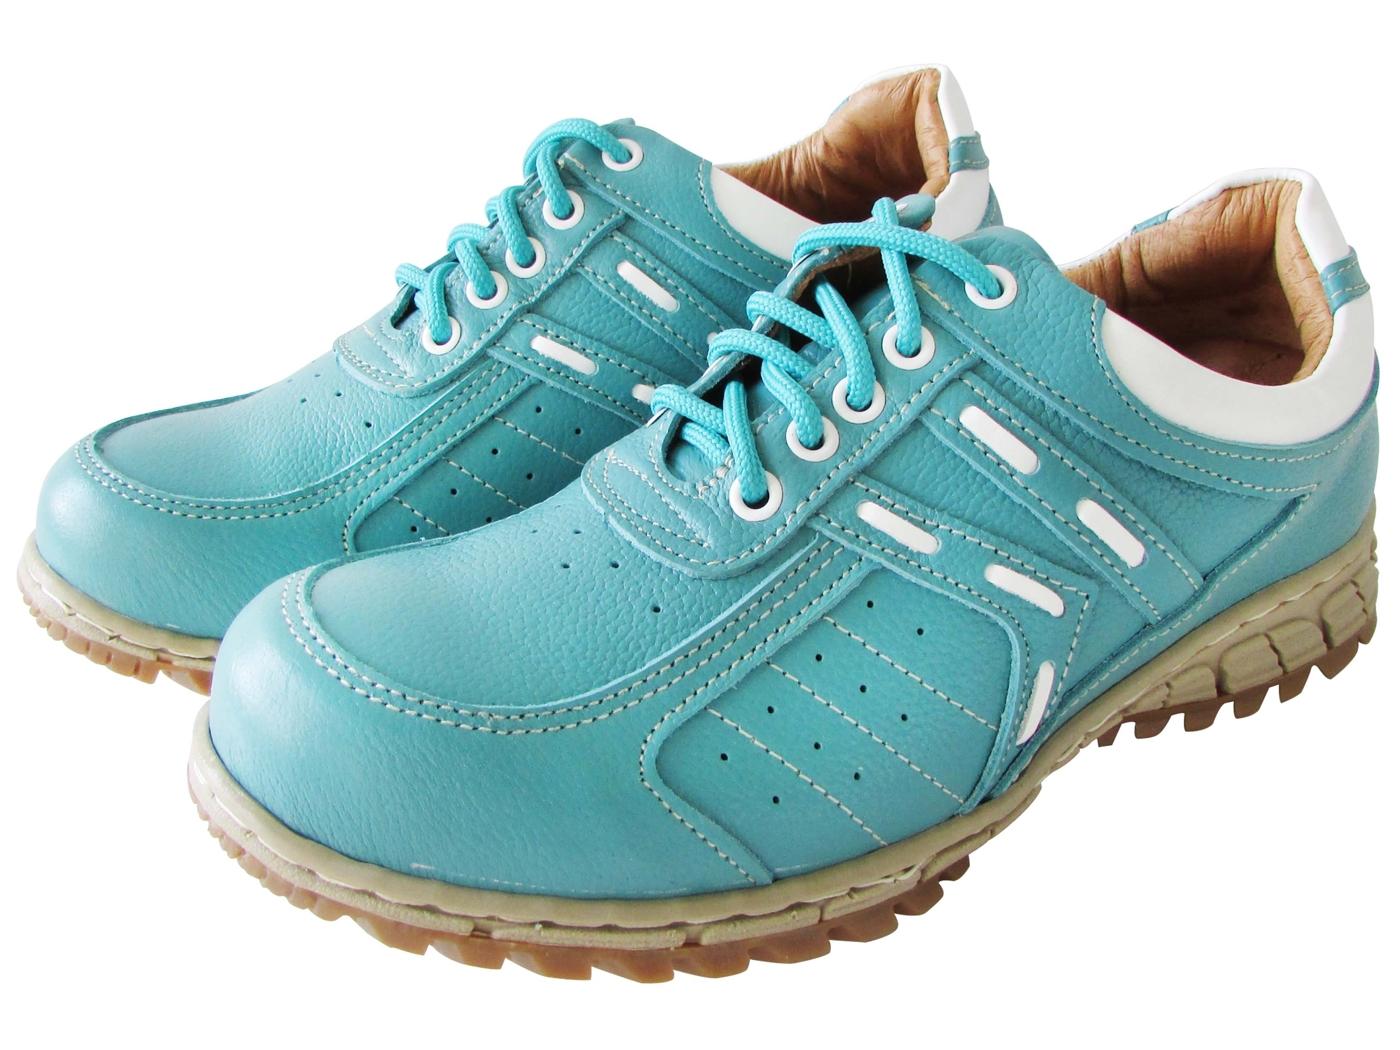 雙惠鞋櫃路豹Zobr俏麗素面款女牛皮休閒鞋台灣製造T769d水藍白